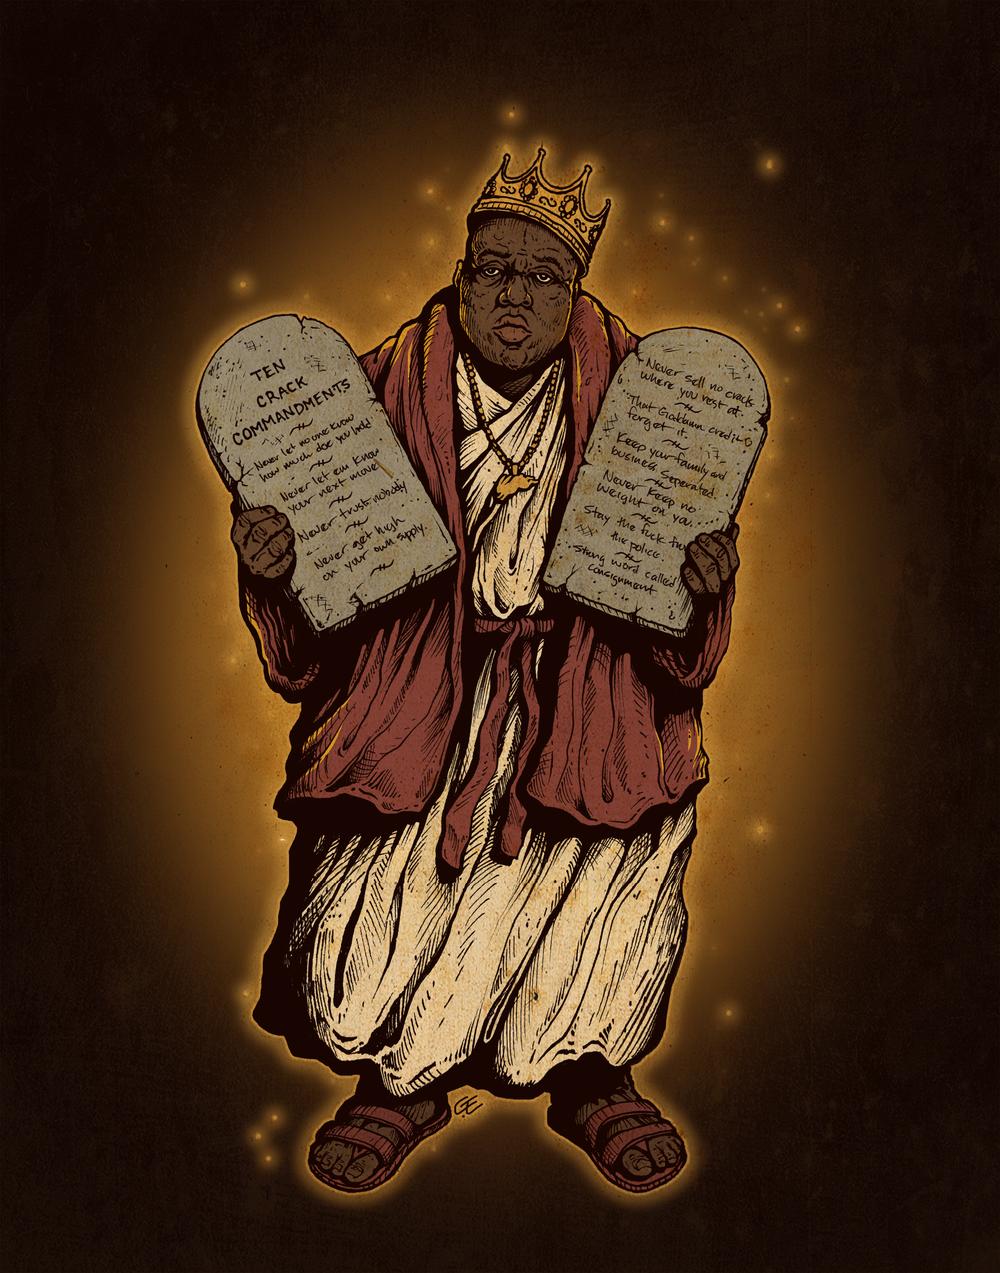 biggie ten crack commandments color portrait print.png